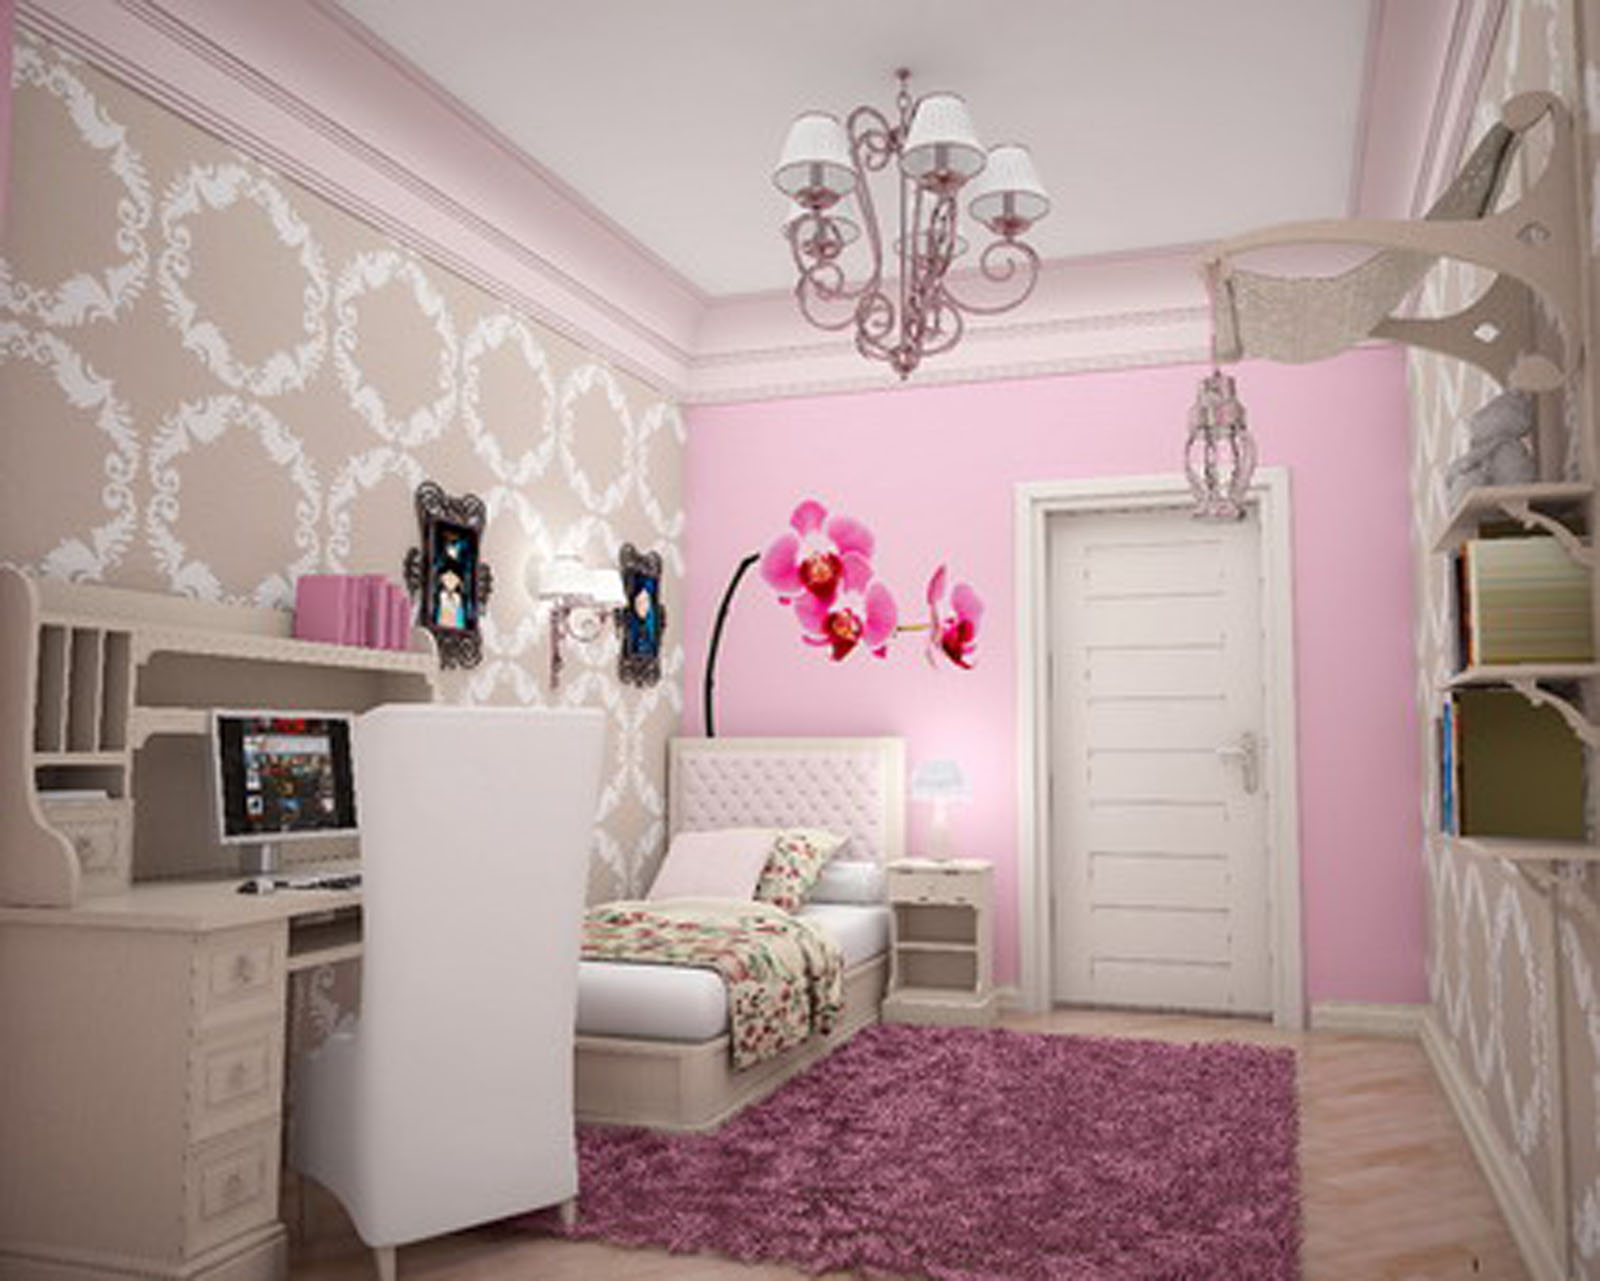 teenage girl bedroom ideas for small rooms teenage girl bedroom designs for small rooms bedroom simple teenage room MXKYHVJ